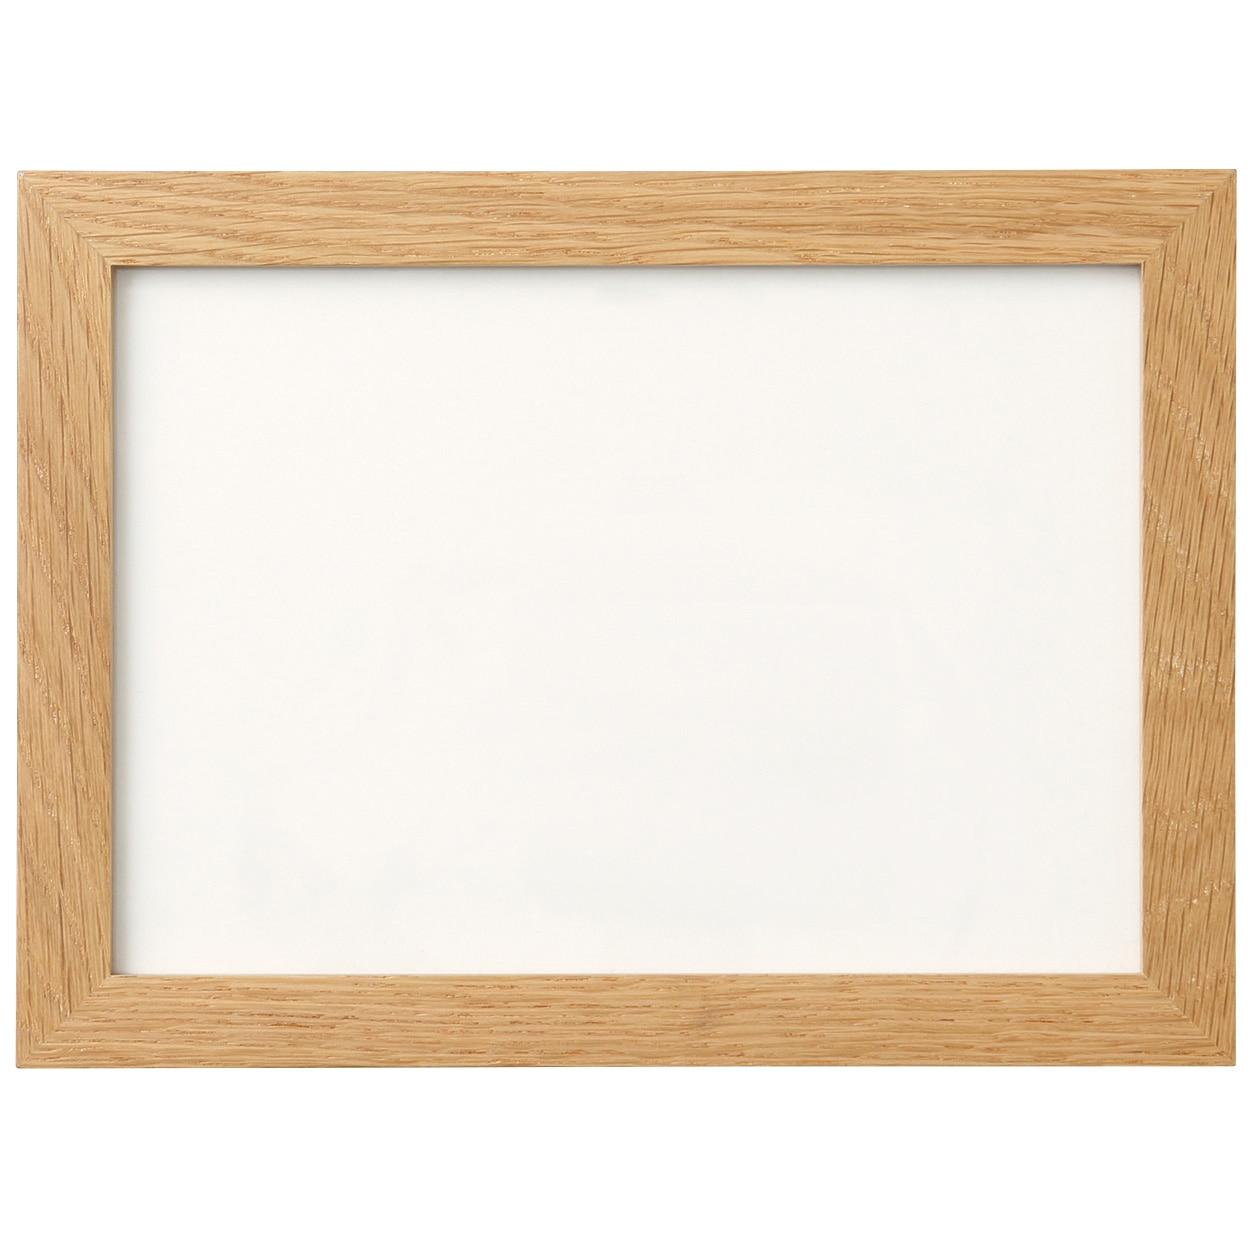 RoomClip商品情報 - 壁に付けられるフレーム・A5サイズ用・オーク材